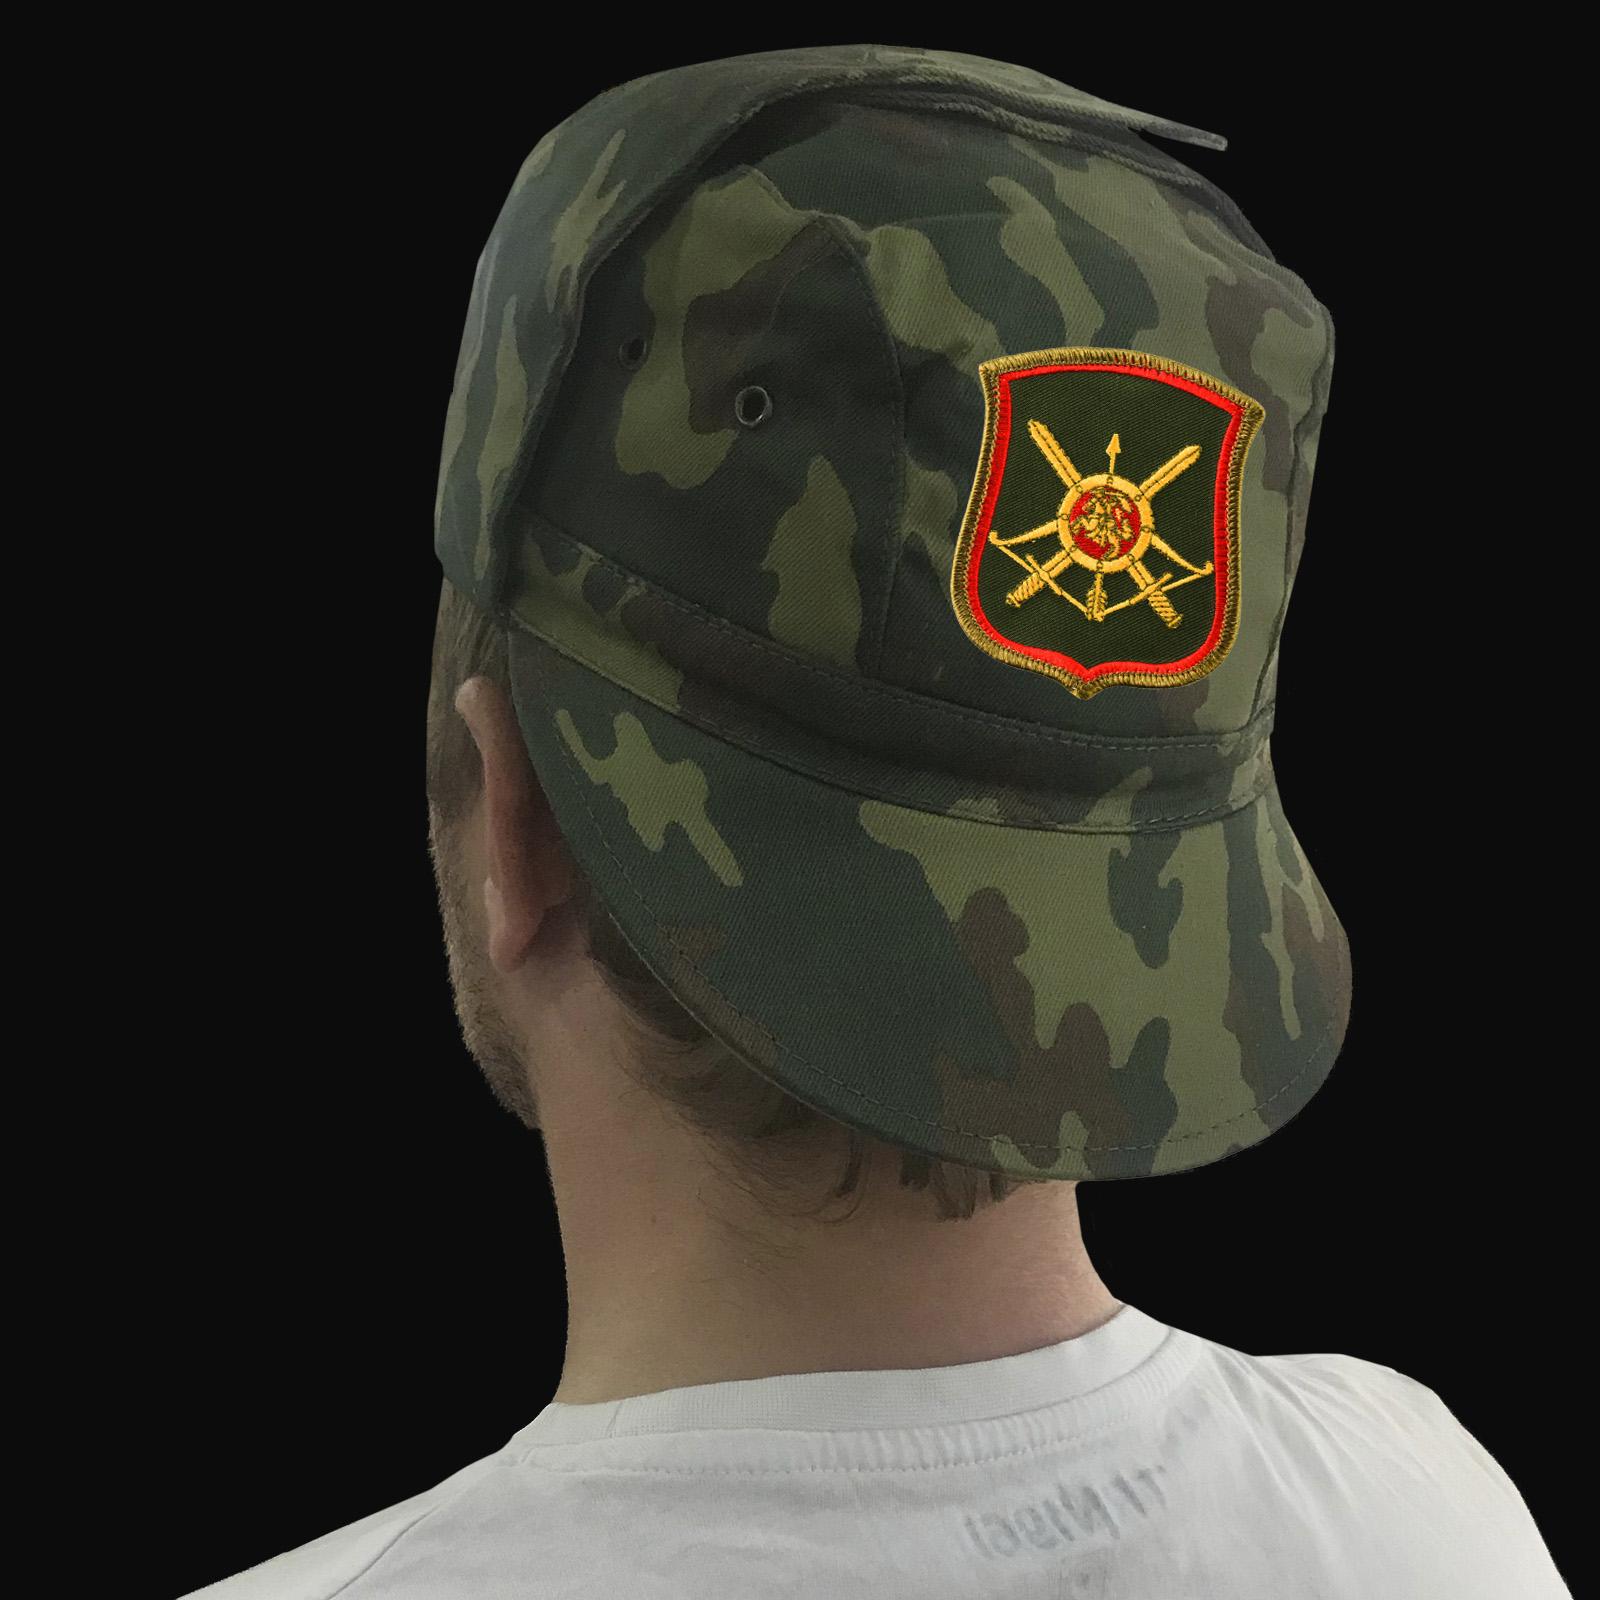 Продажа кепок, бейсболок и других товаров в дизайне ракетных войск